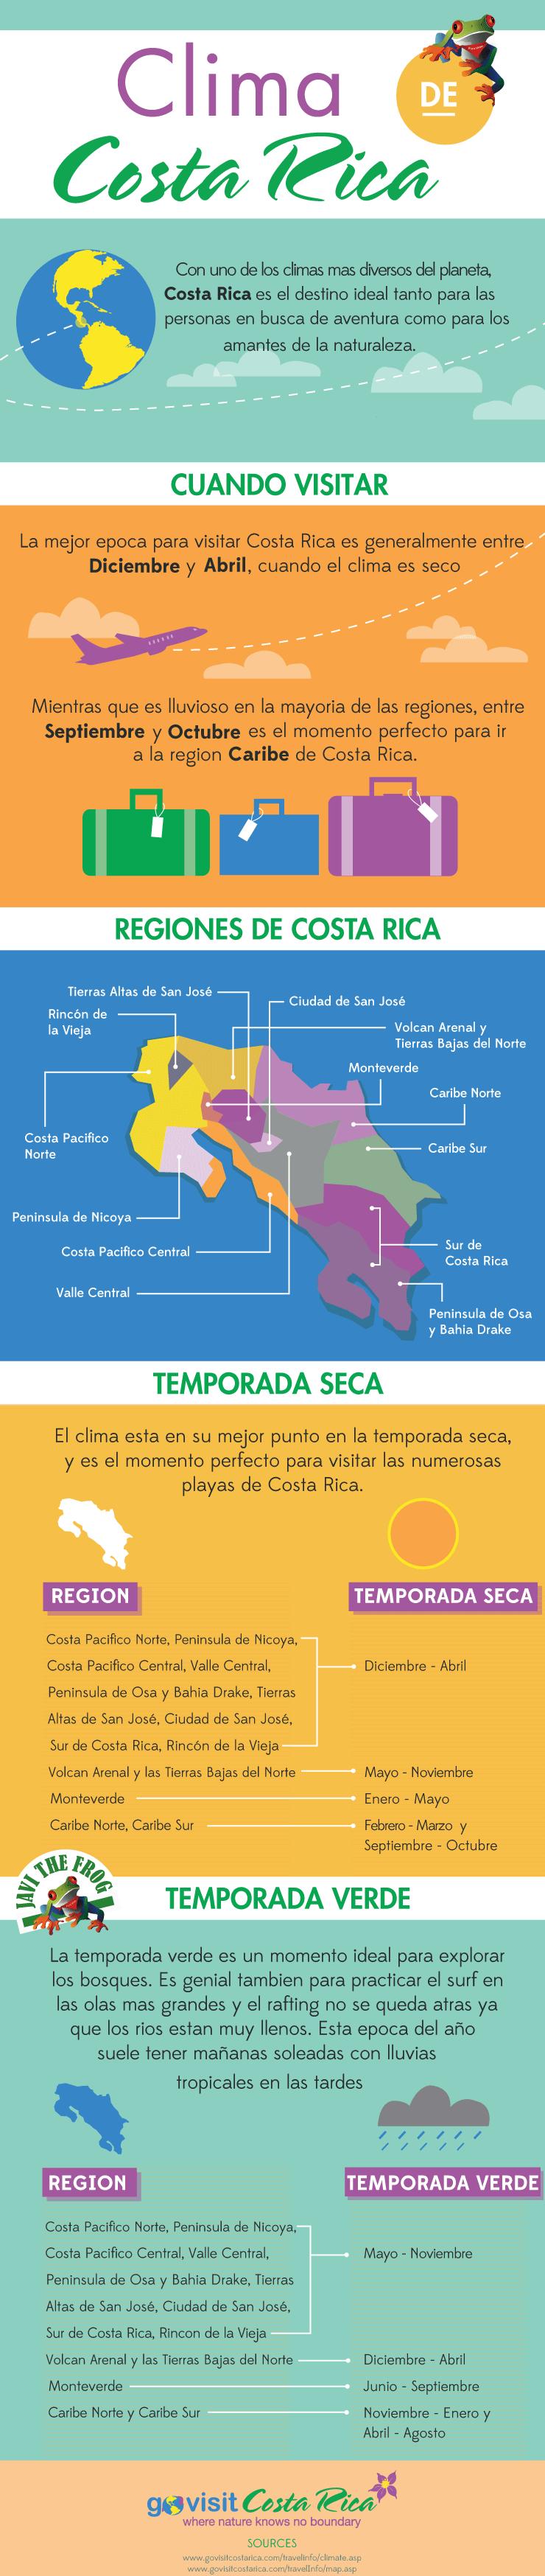 Clima de Costa Rica Infographic